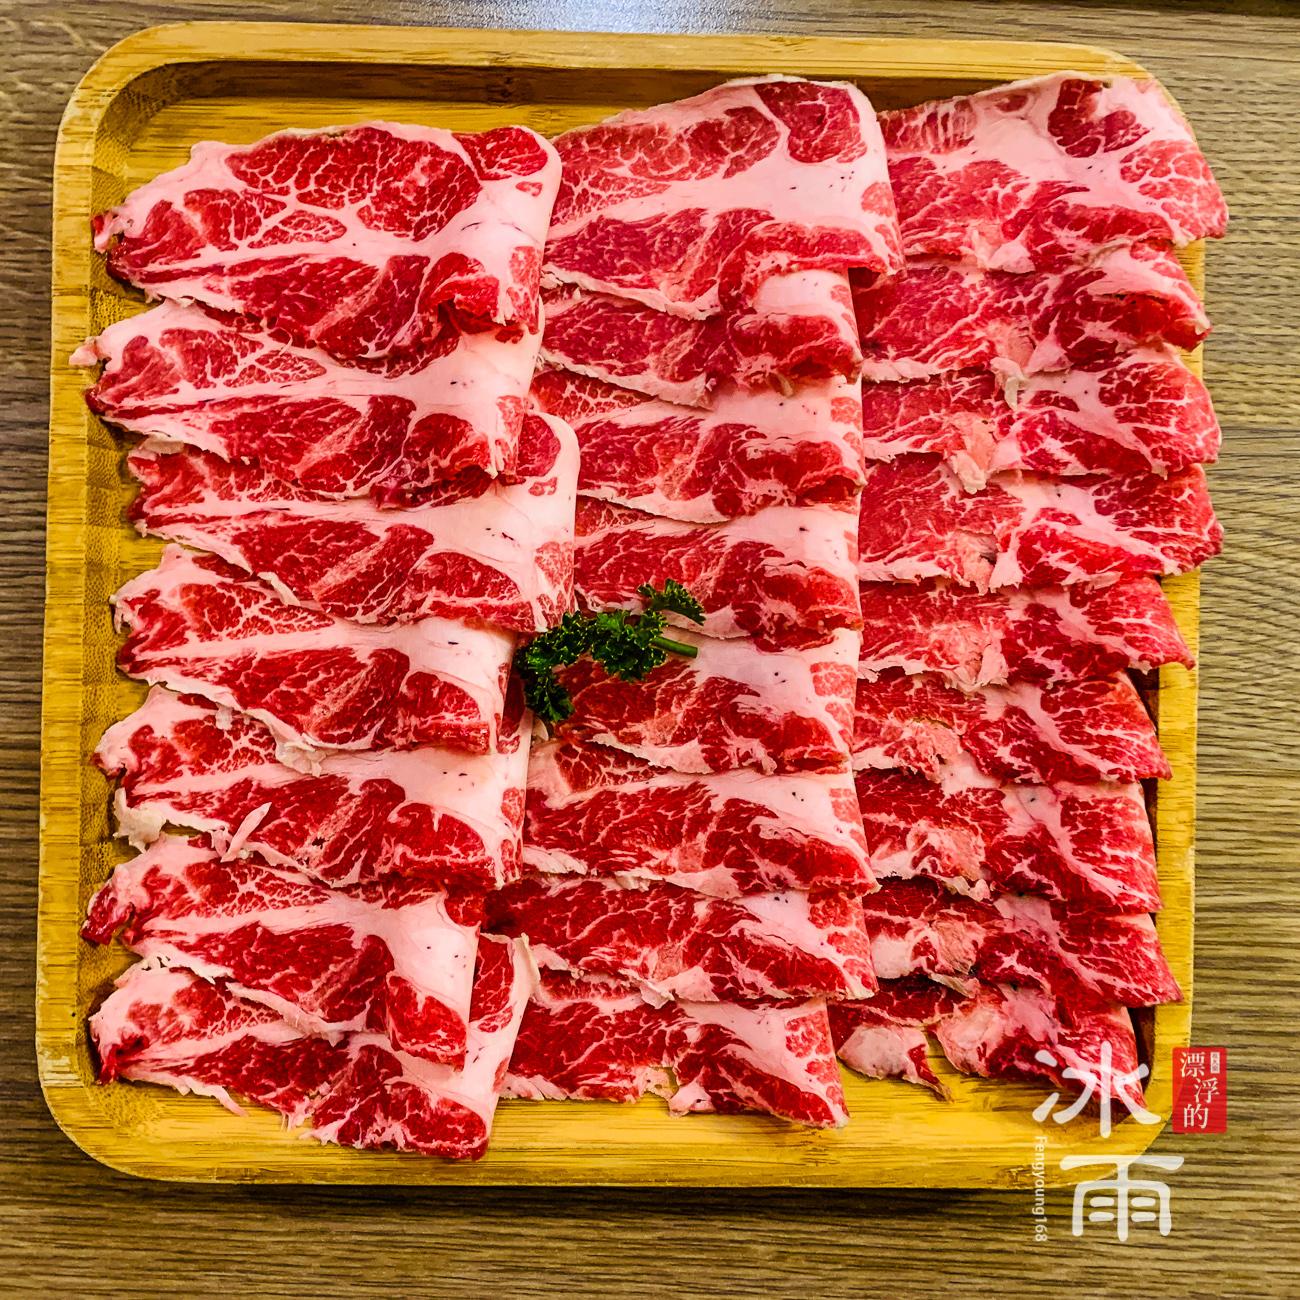 築湘養生麻辣火鍋店|肉盤